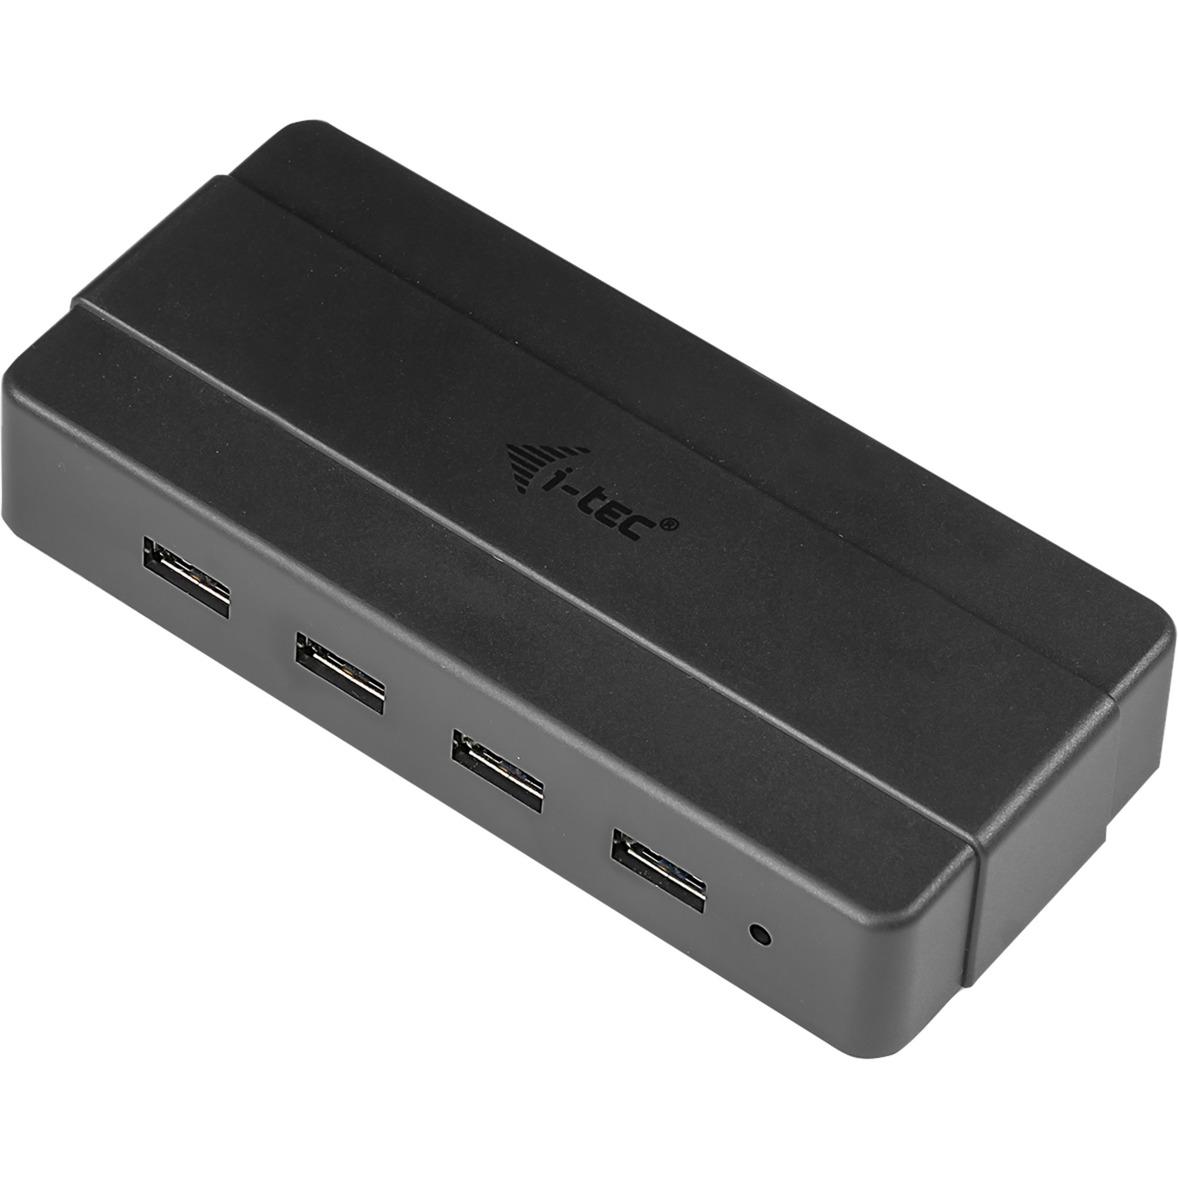 USB 3.0 Charging HUB, Hub USB